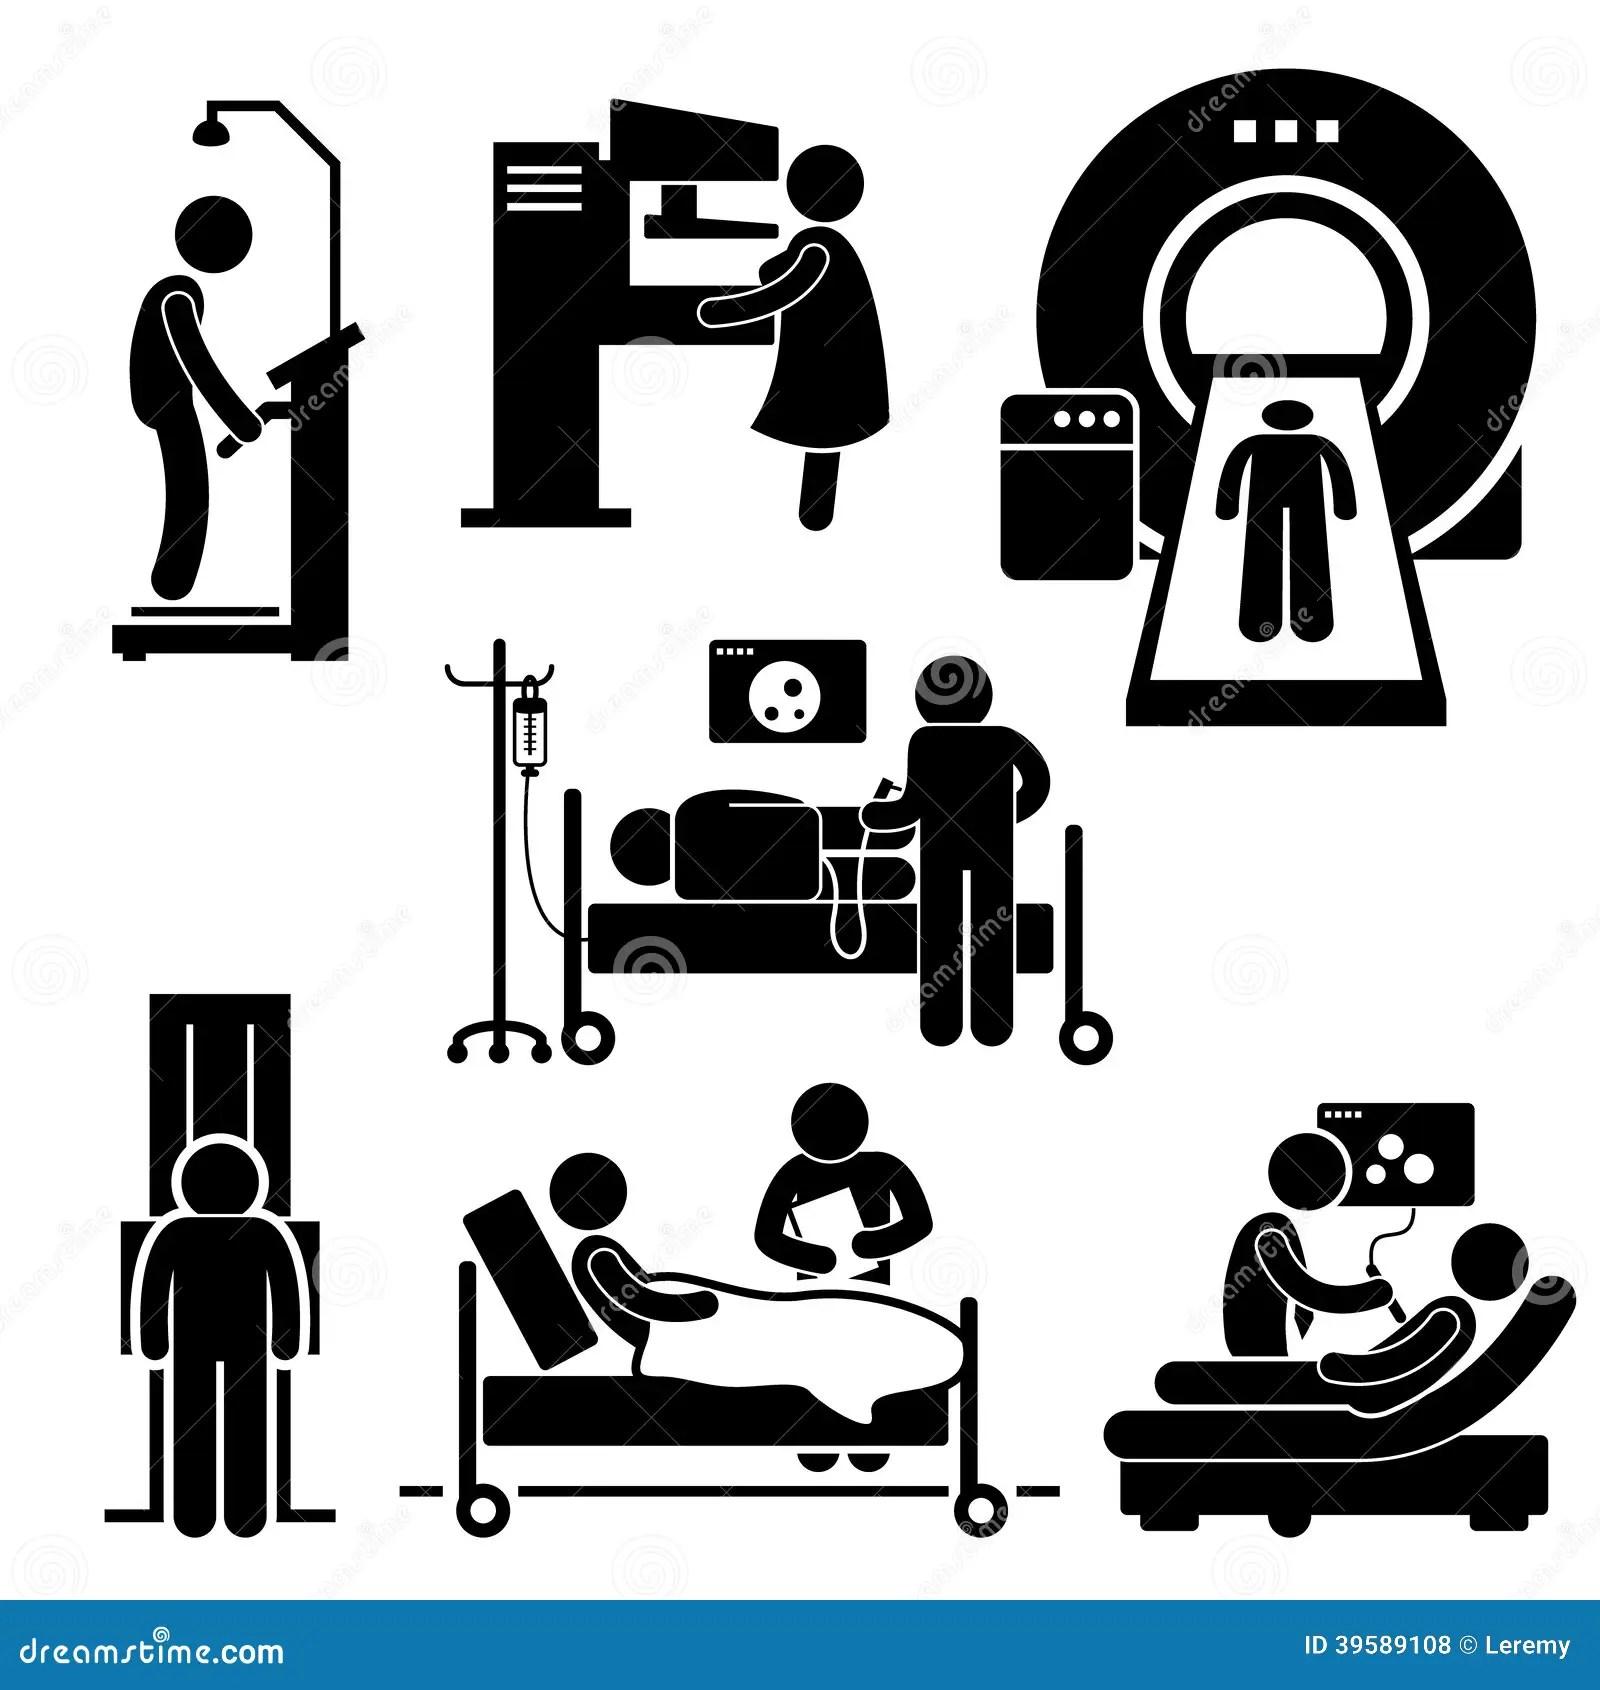 Diagnostico Cliparts Da Selecao Do Controle Medico Do